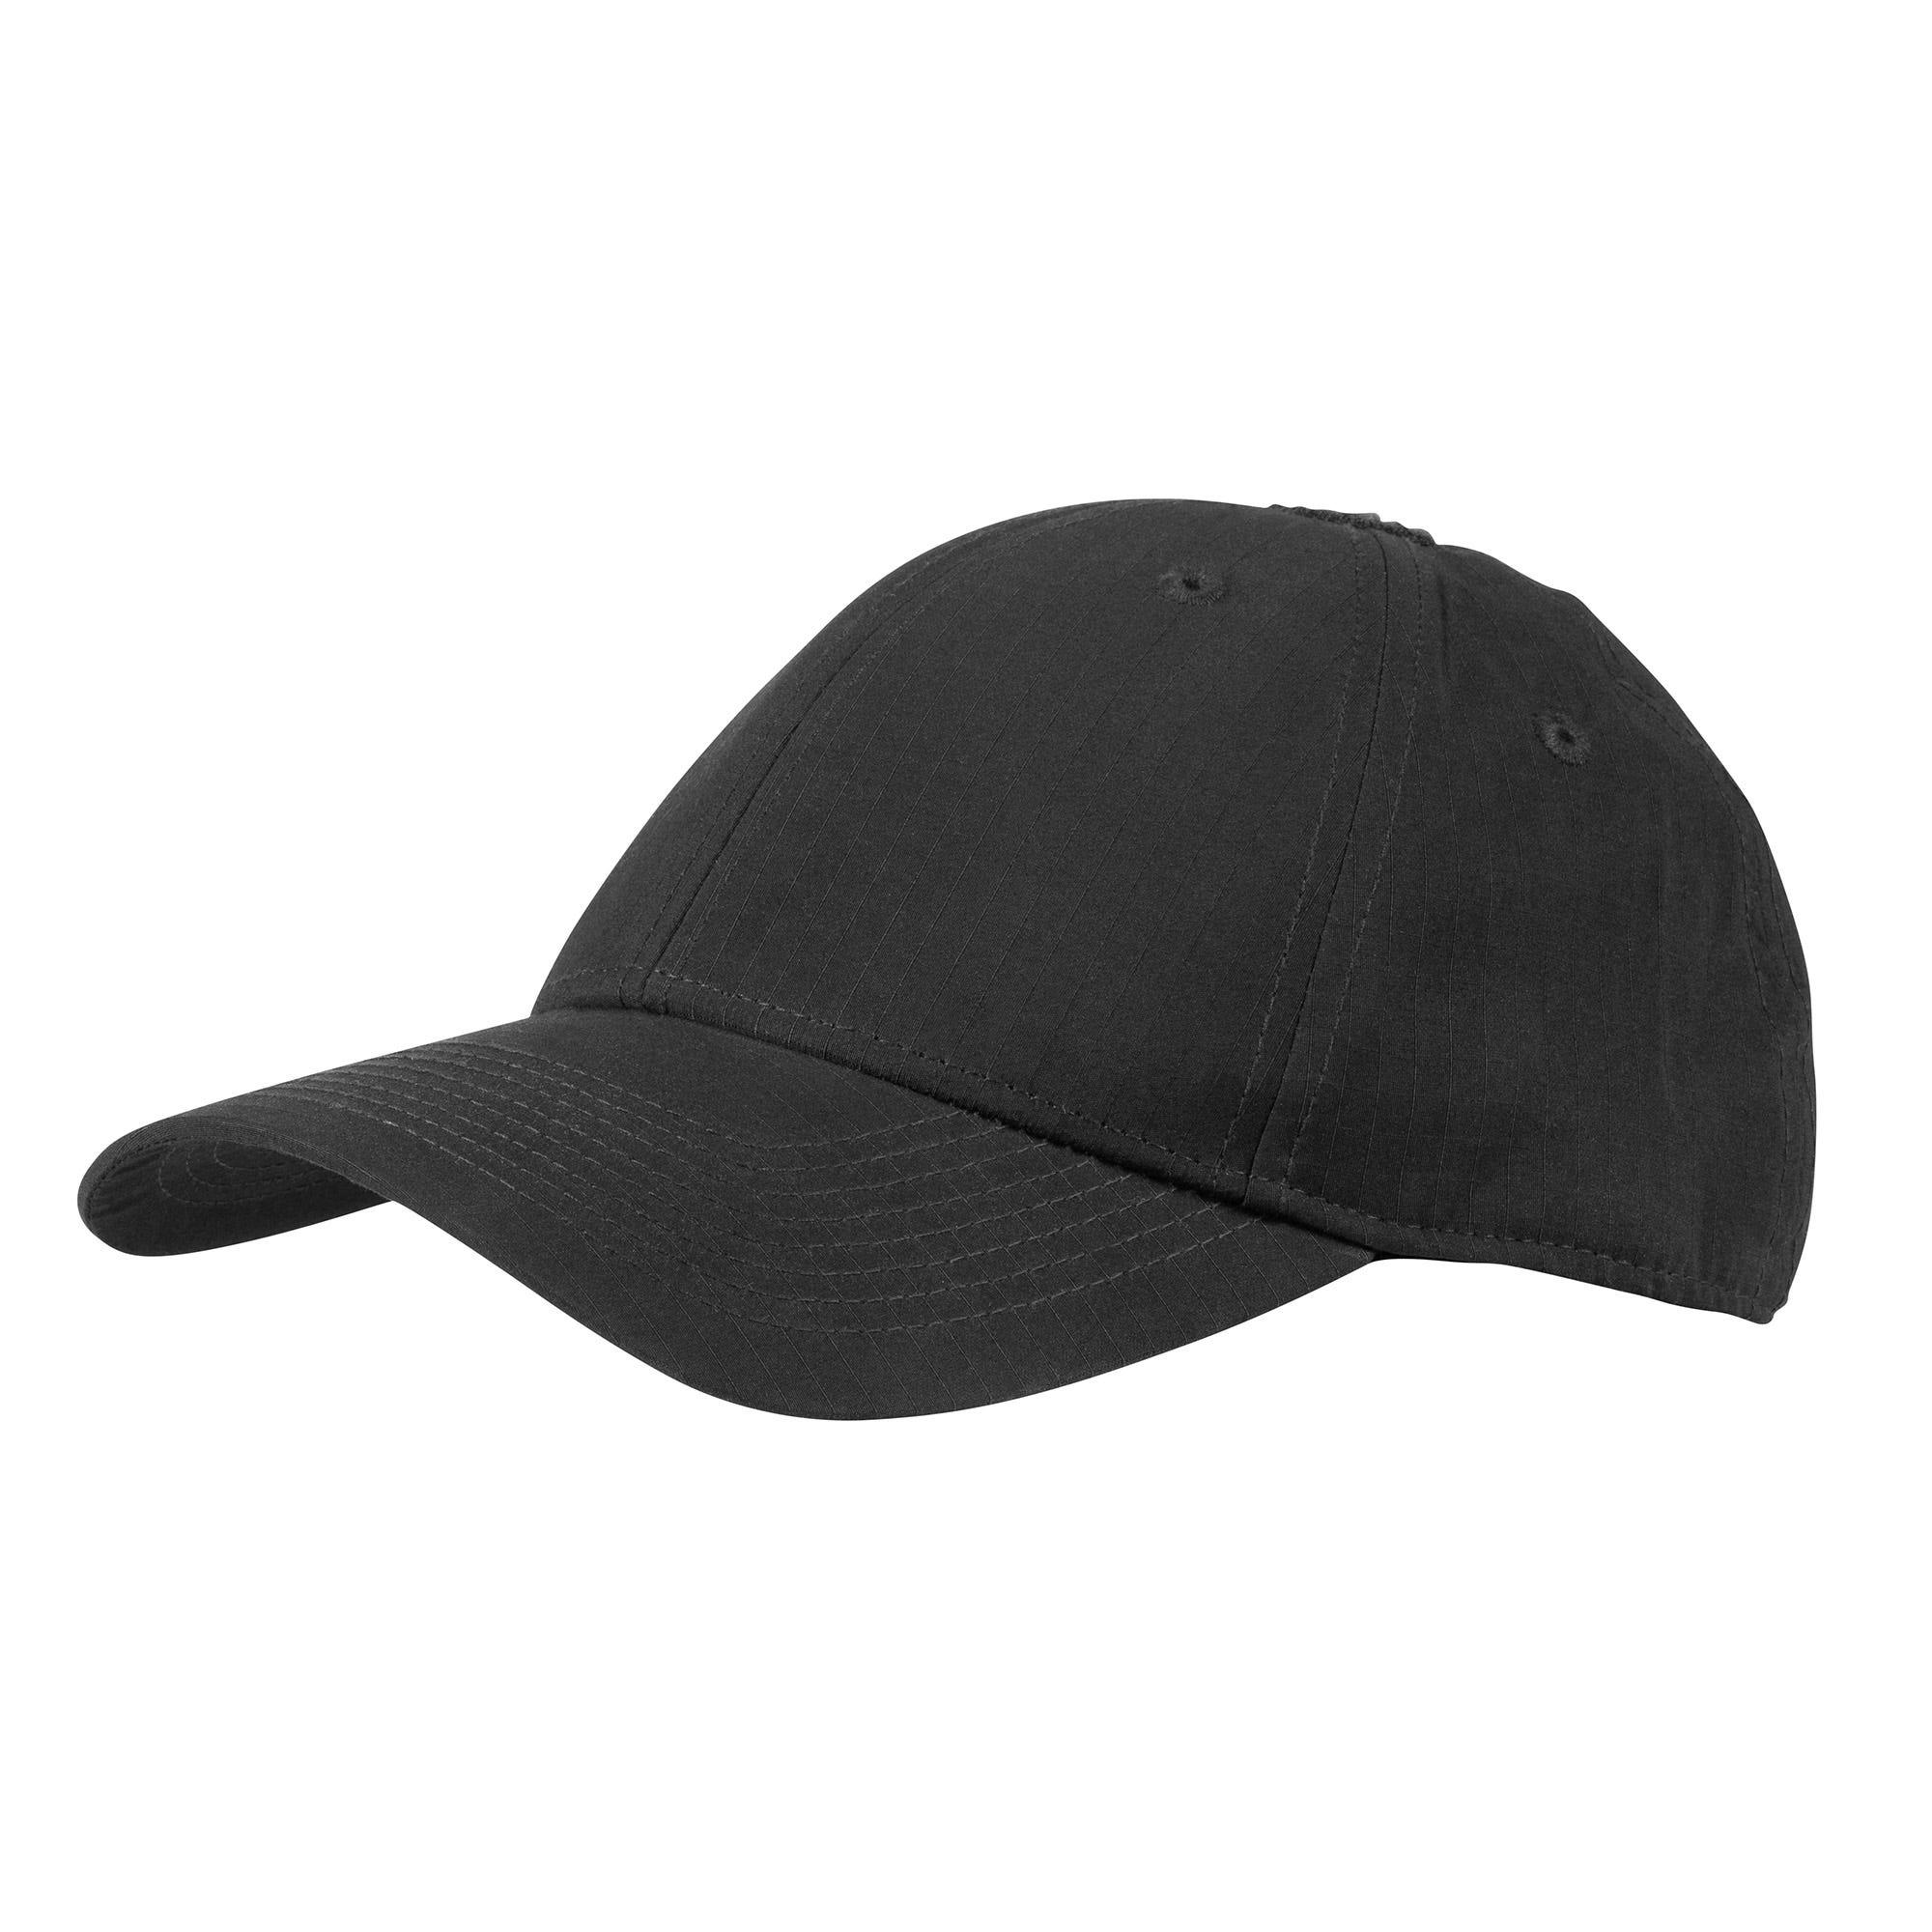 58fb85214c4cb Fast-Tac™ Uniform Hat - Men s - New Arrivals - 5.11 Tactical